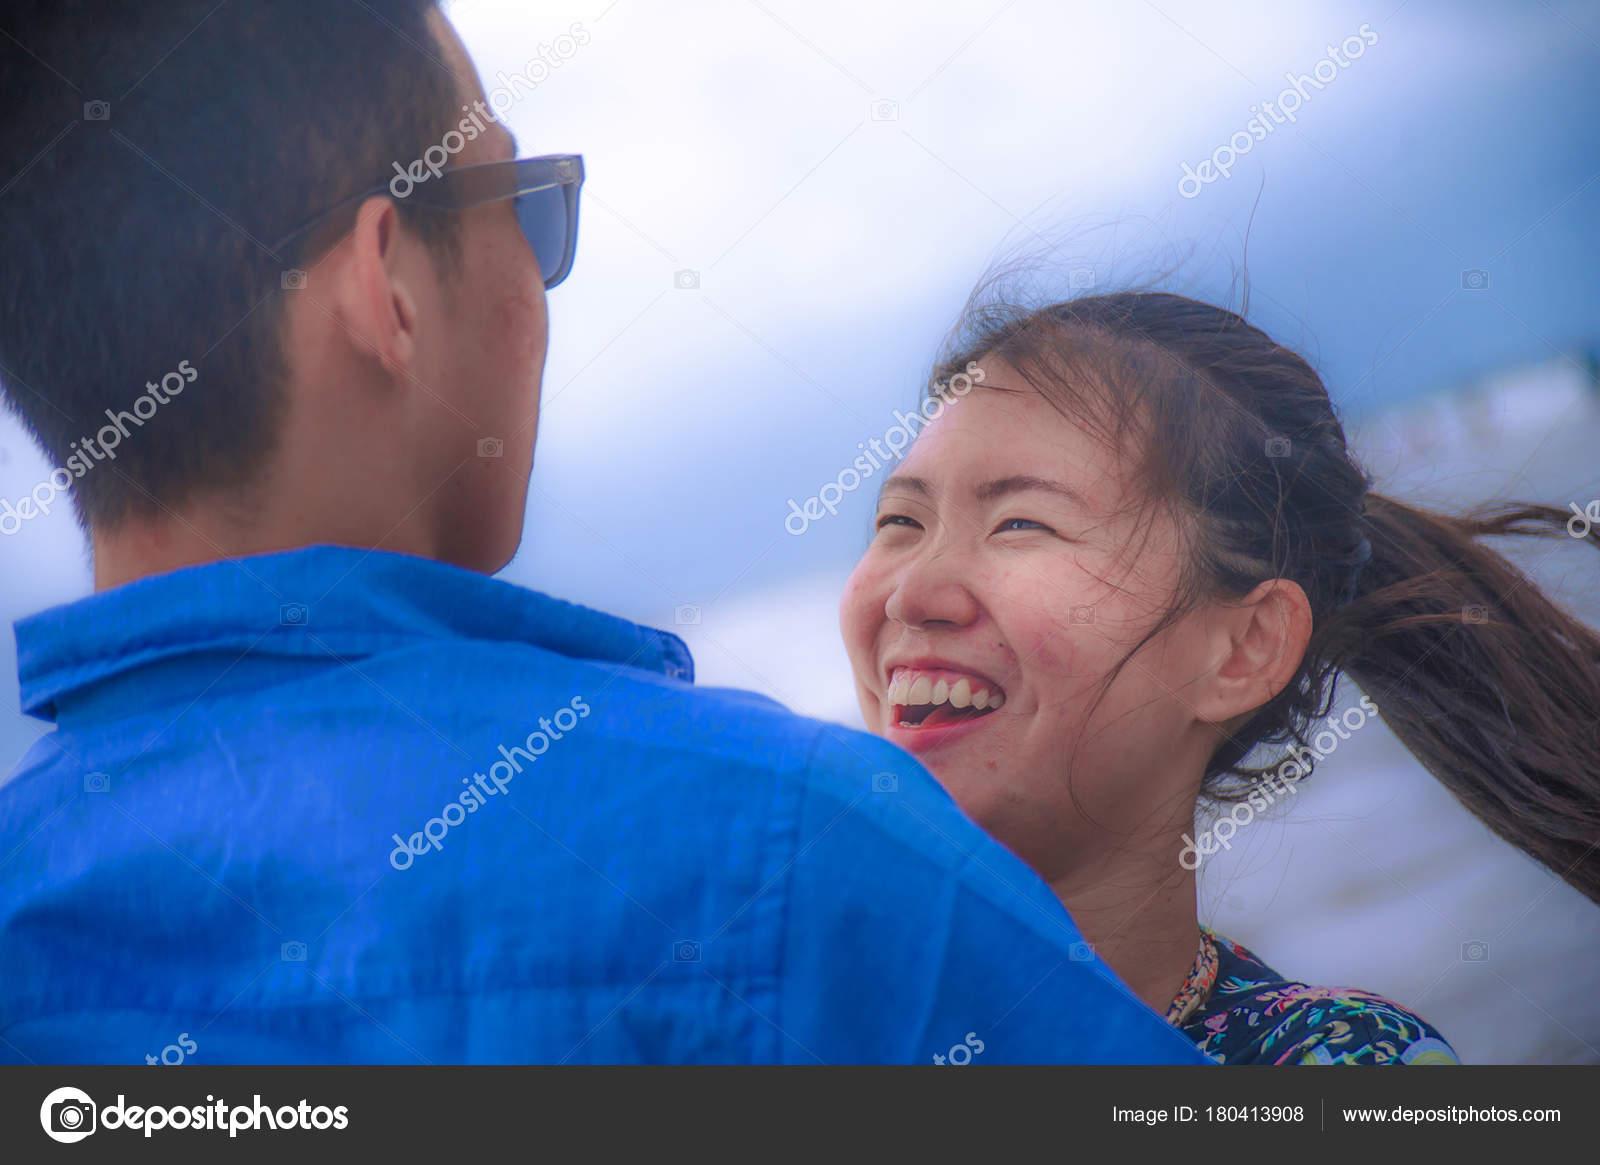 randění pro dlouhodobý vztah